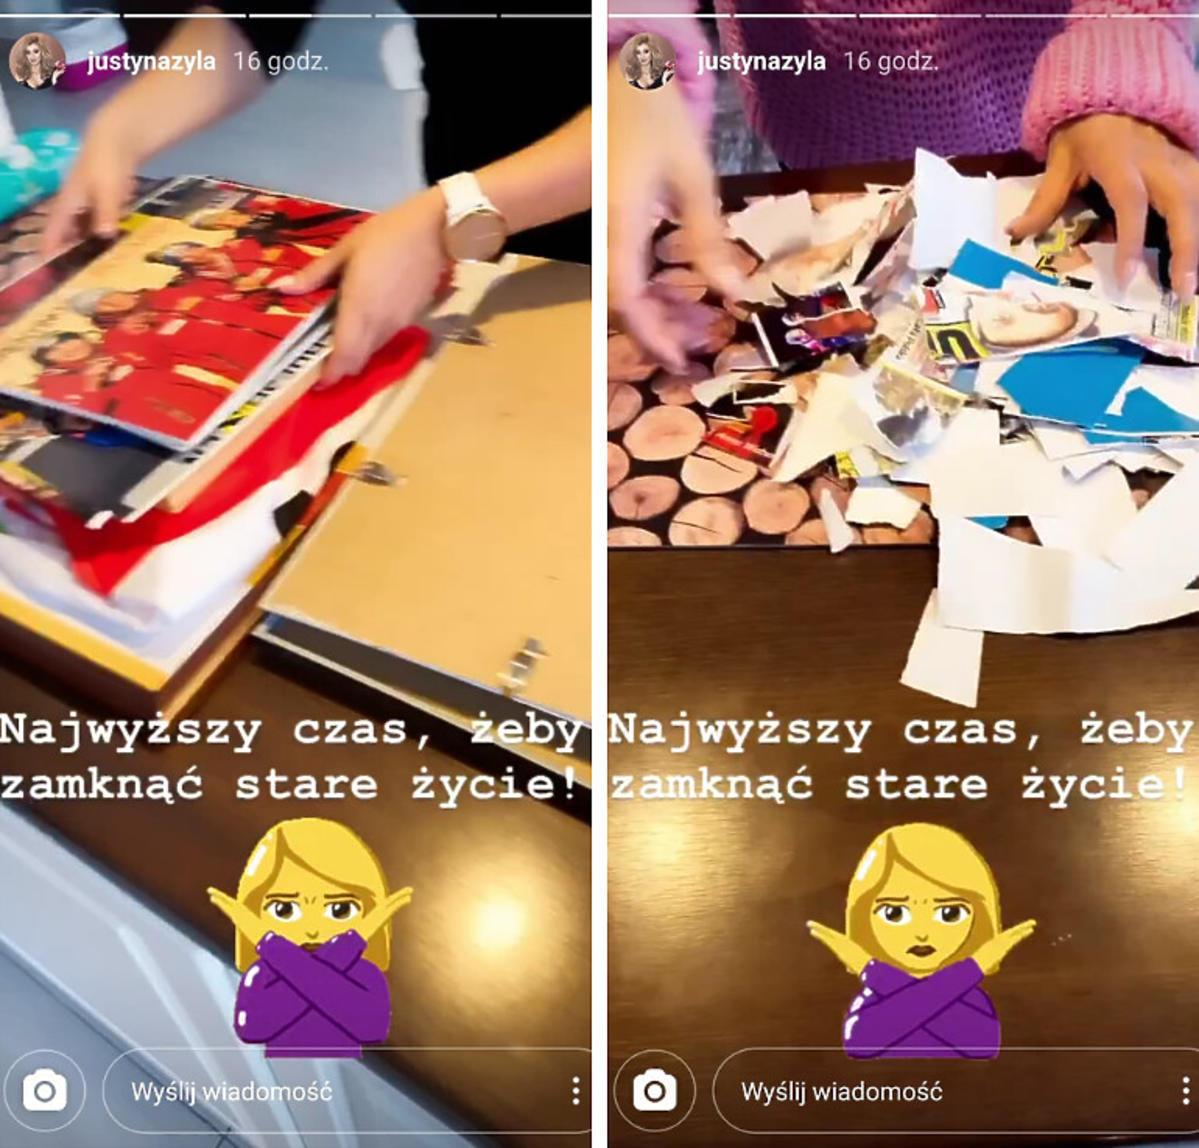 Justyna Żyła pokazała, jak niszczy zdjęcia byłego męża